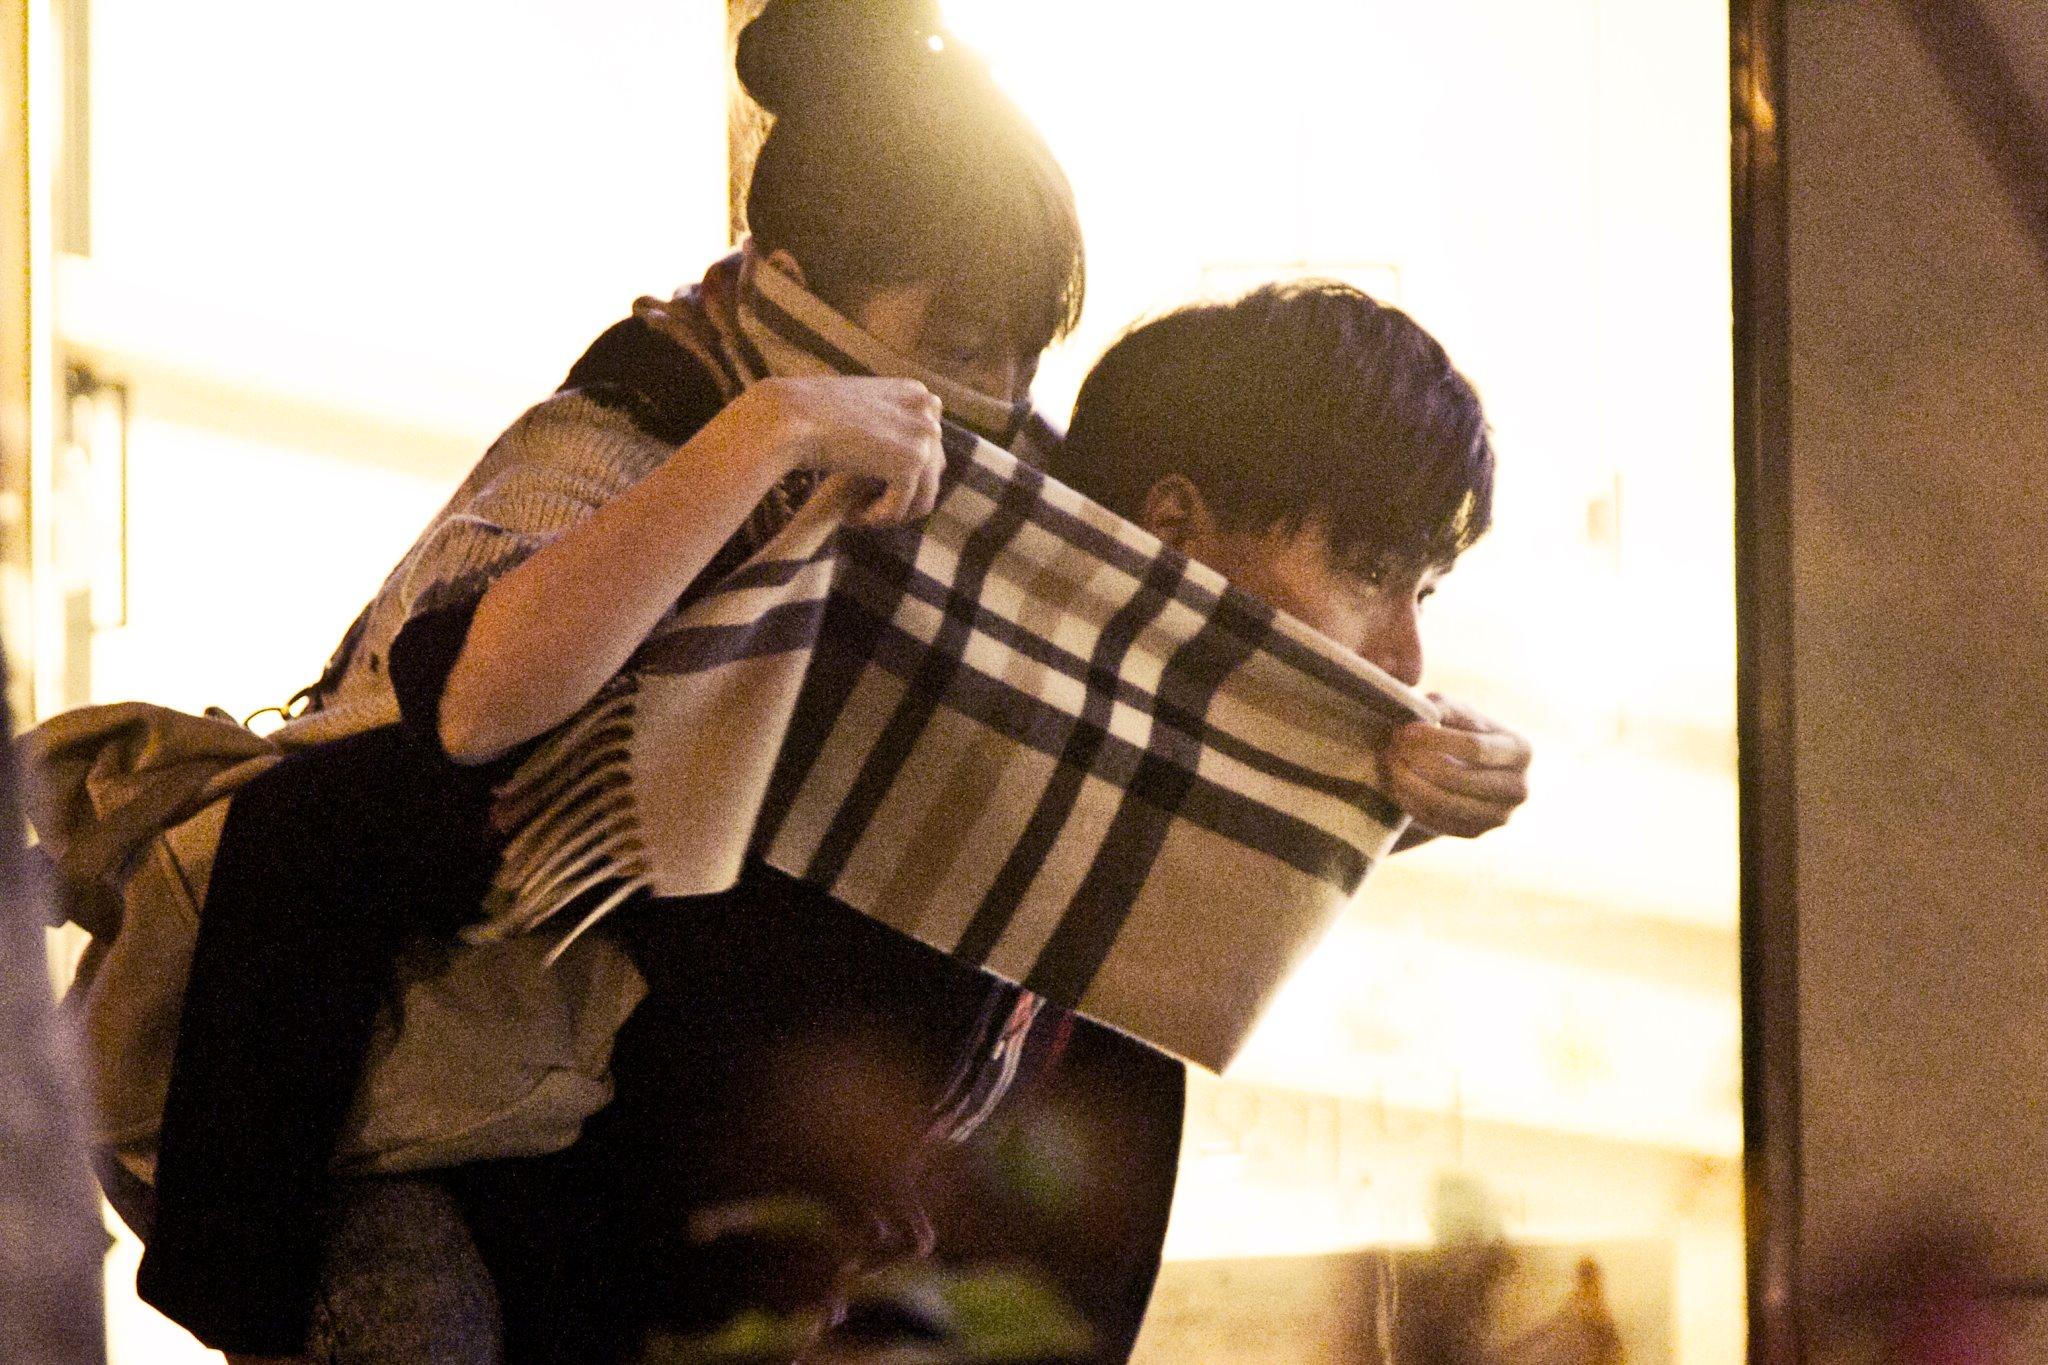 chen qiao en 2013 chen qiao en and ming dao chen qiao en boyfriendChen Qiao En Boyfriend 2013